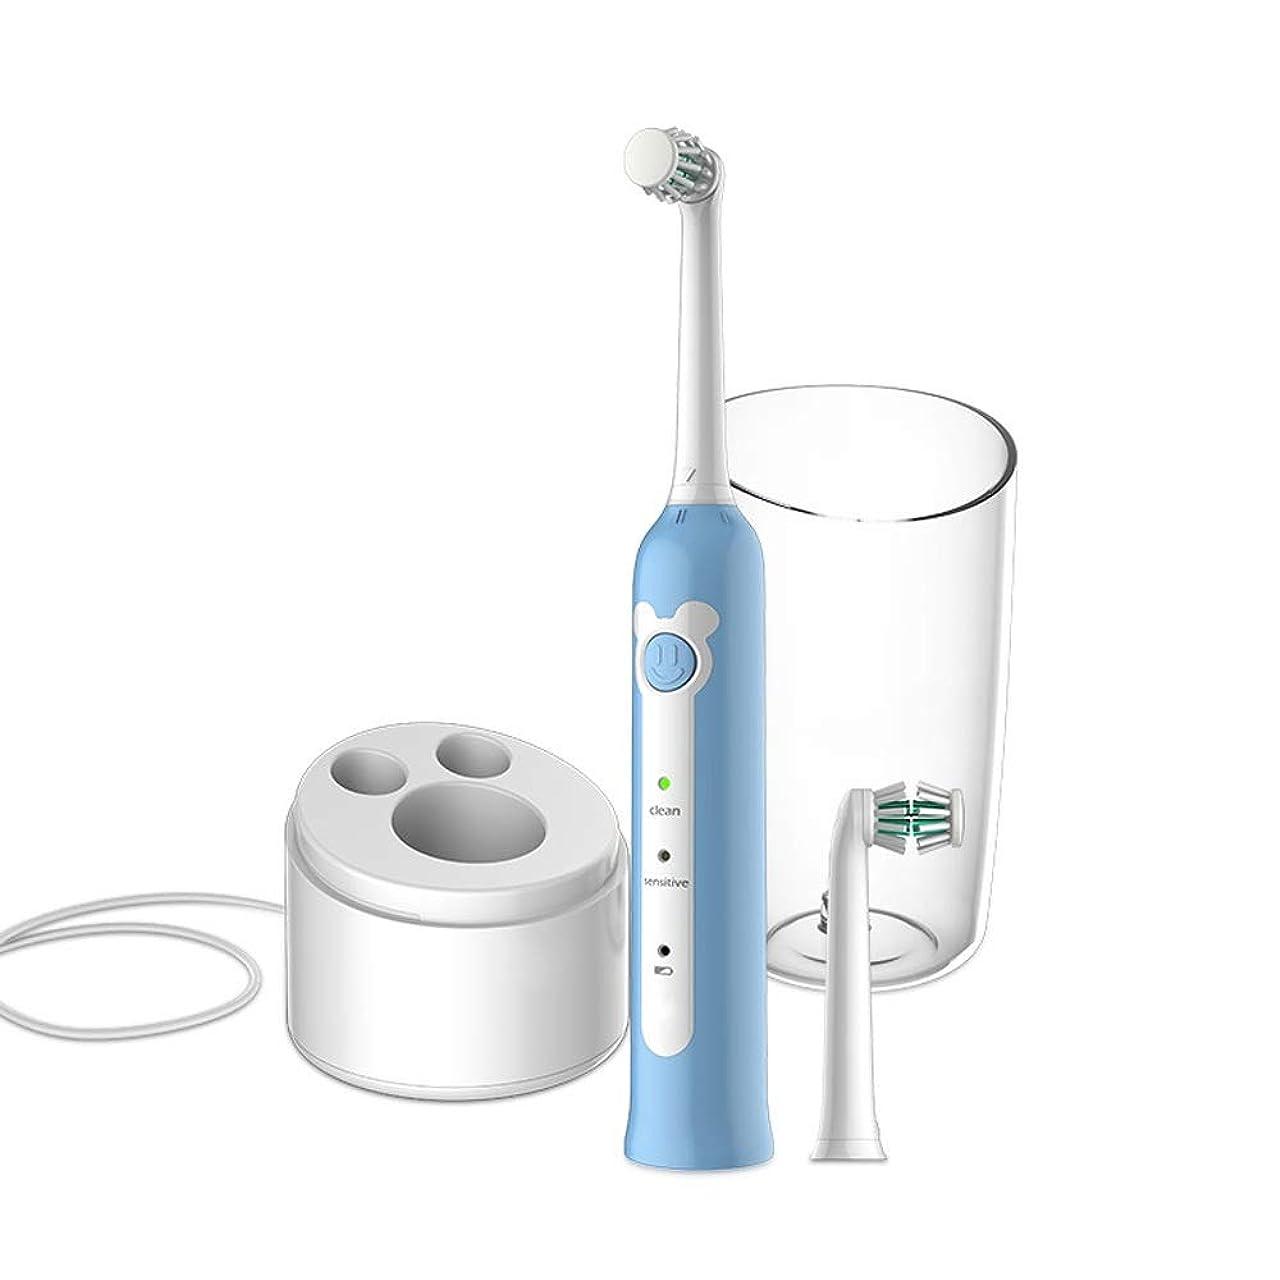 葡萄日食実験的電動歯ブラシ 子供の電動歯ブラシ防水ベースホルダー保護清潔ホワイトニング柔らかい髪の歯ブラシでUSB充電 (色 : 青, サイズ : Free size)